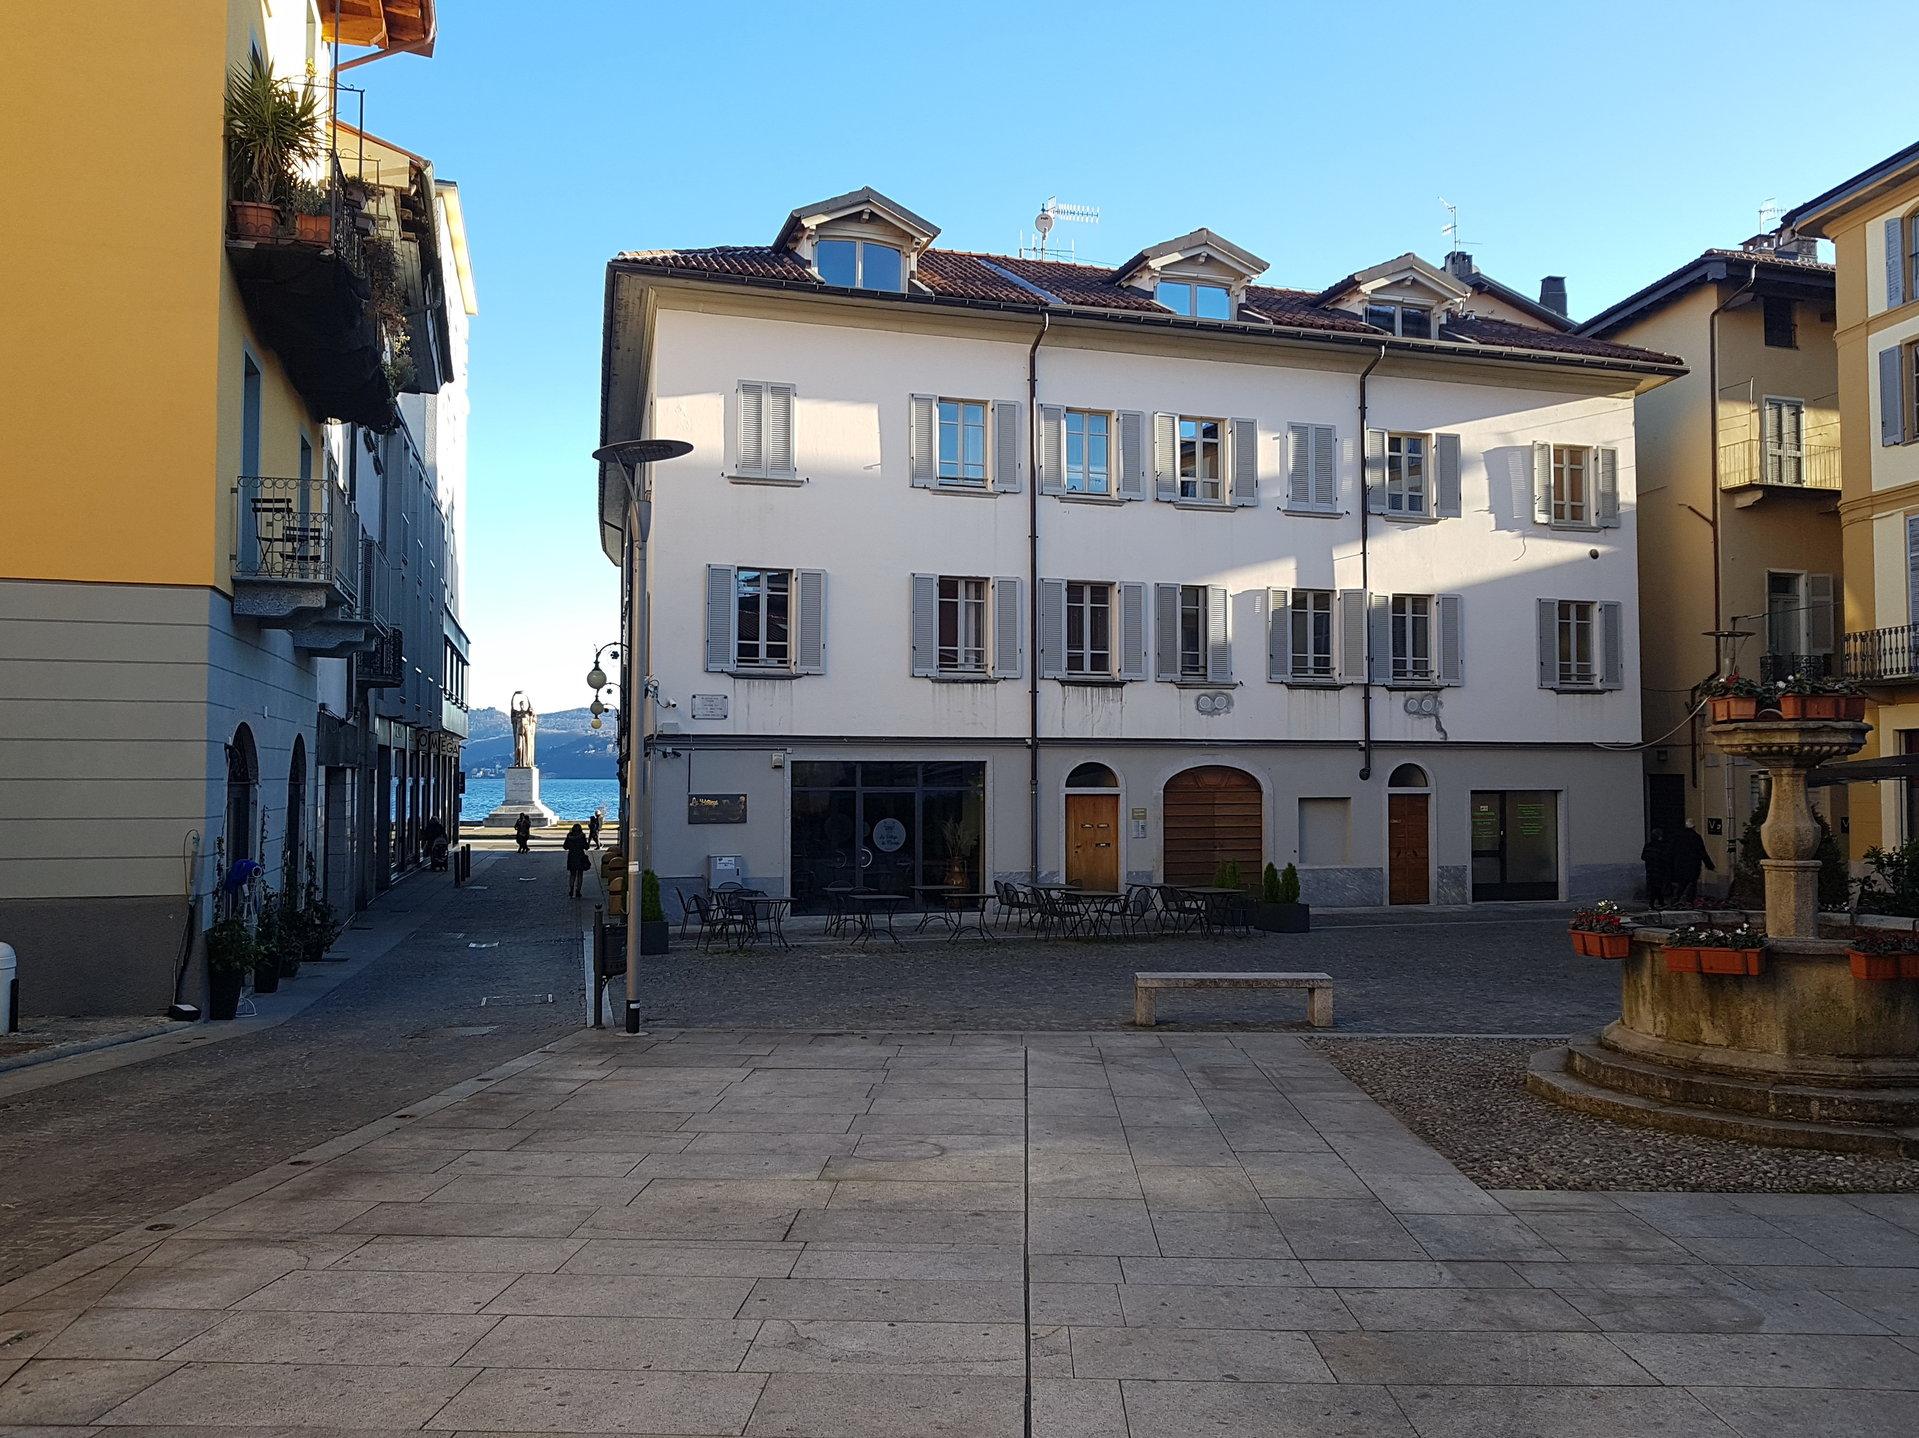 Mansarda ristrutturata in vendita in centro a Verbania - esterno dell'immobile